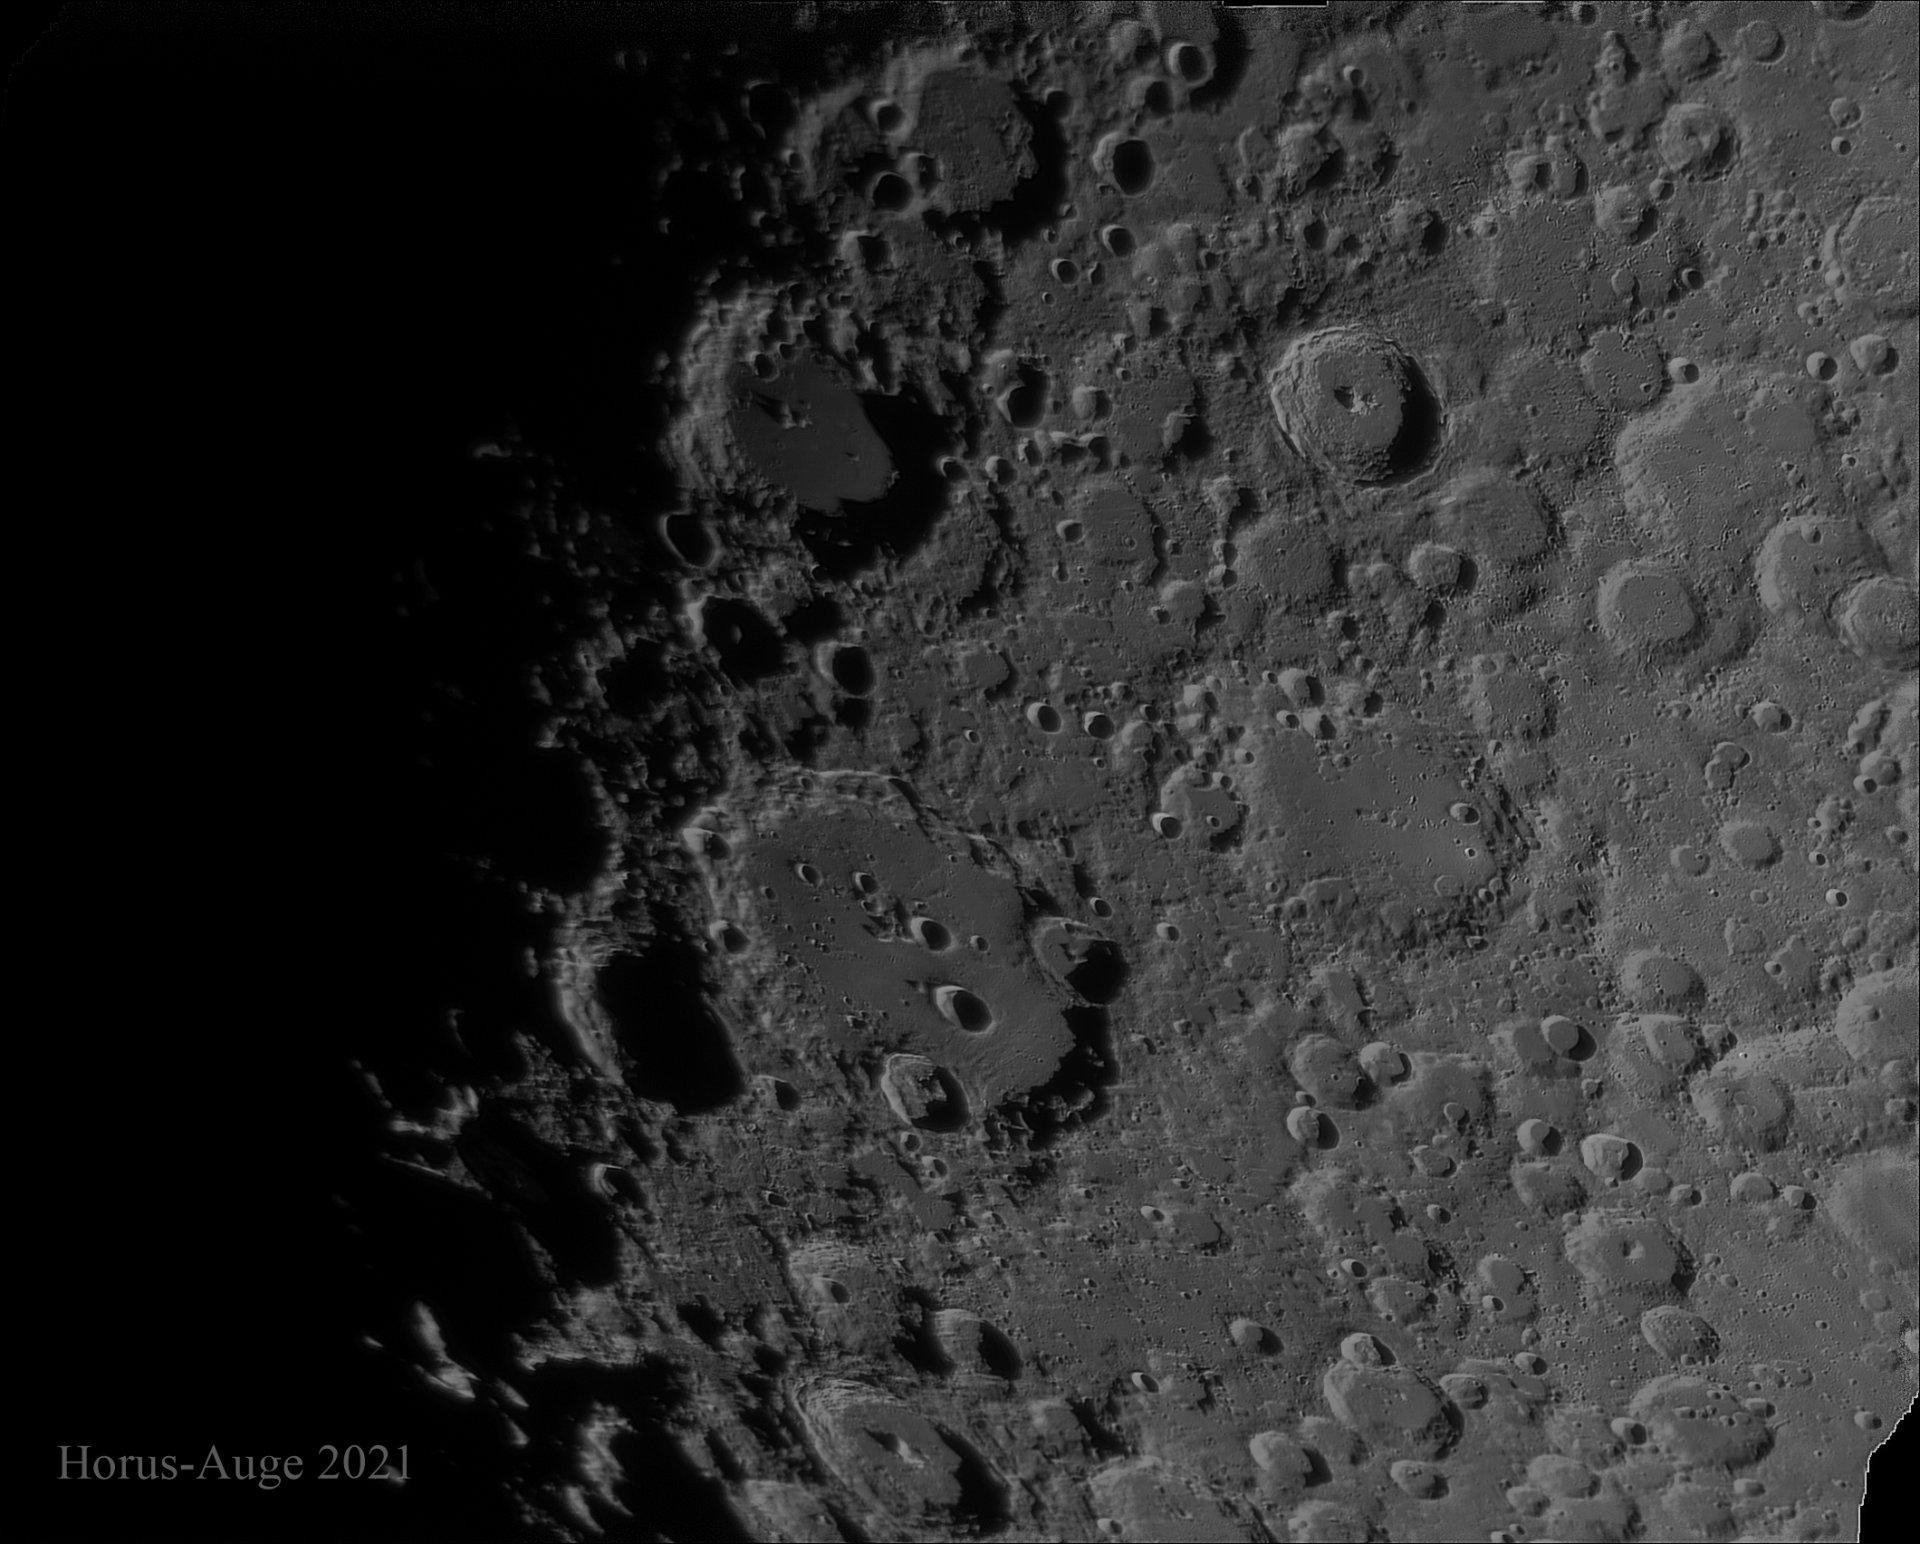 Mond_Clavius.jpg